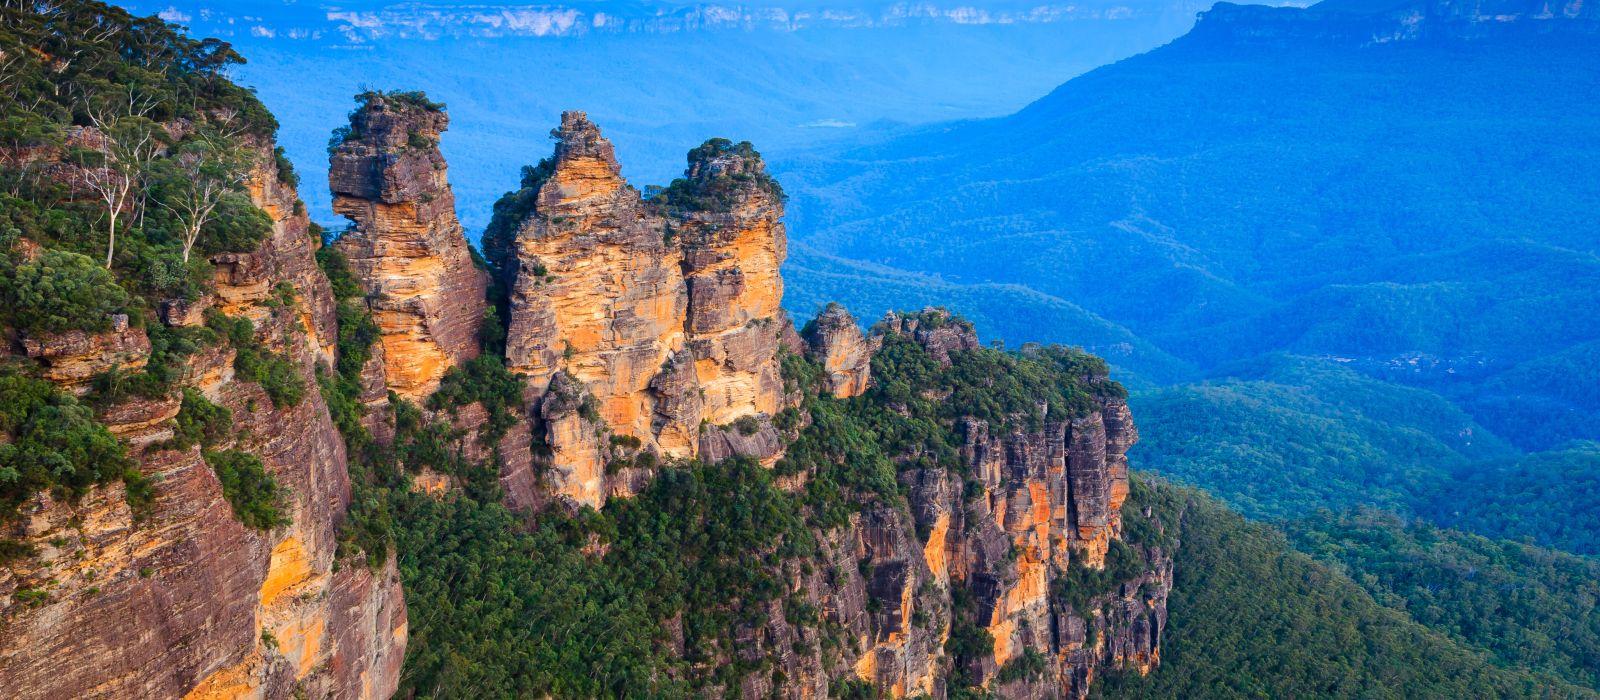 Destination Blue Mountains Australia